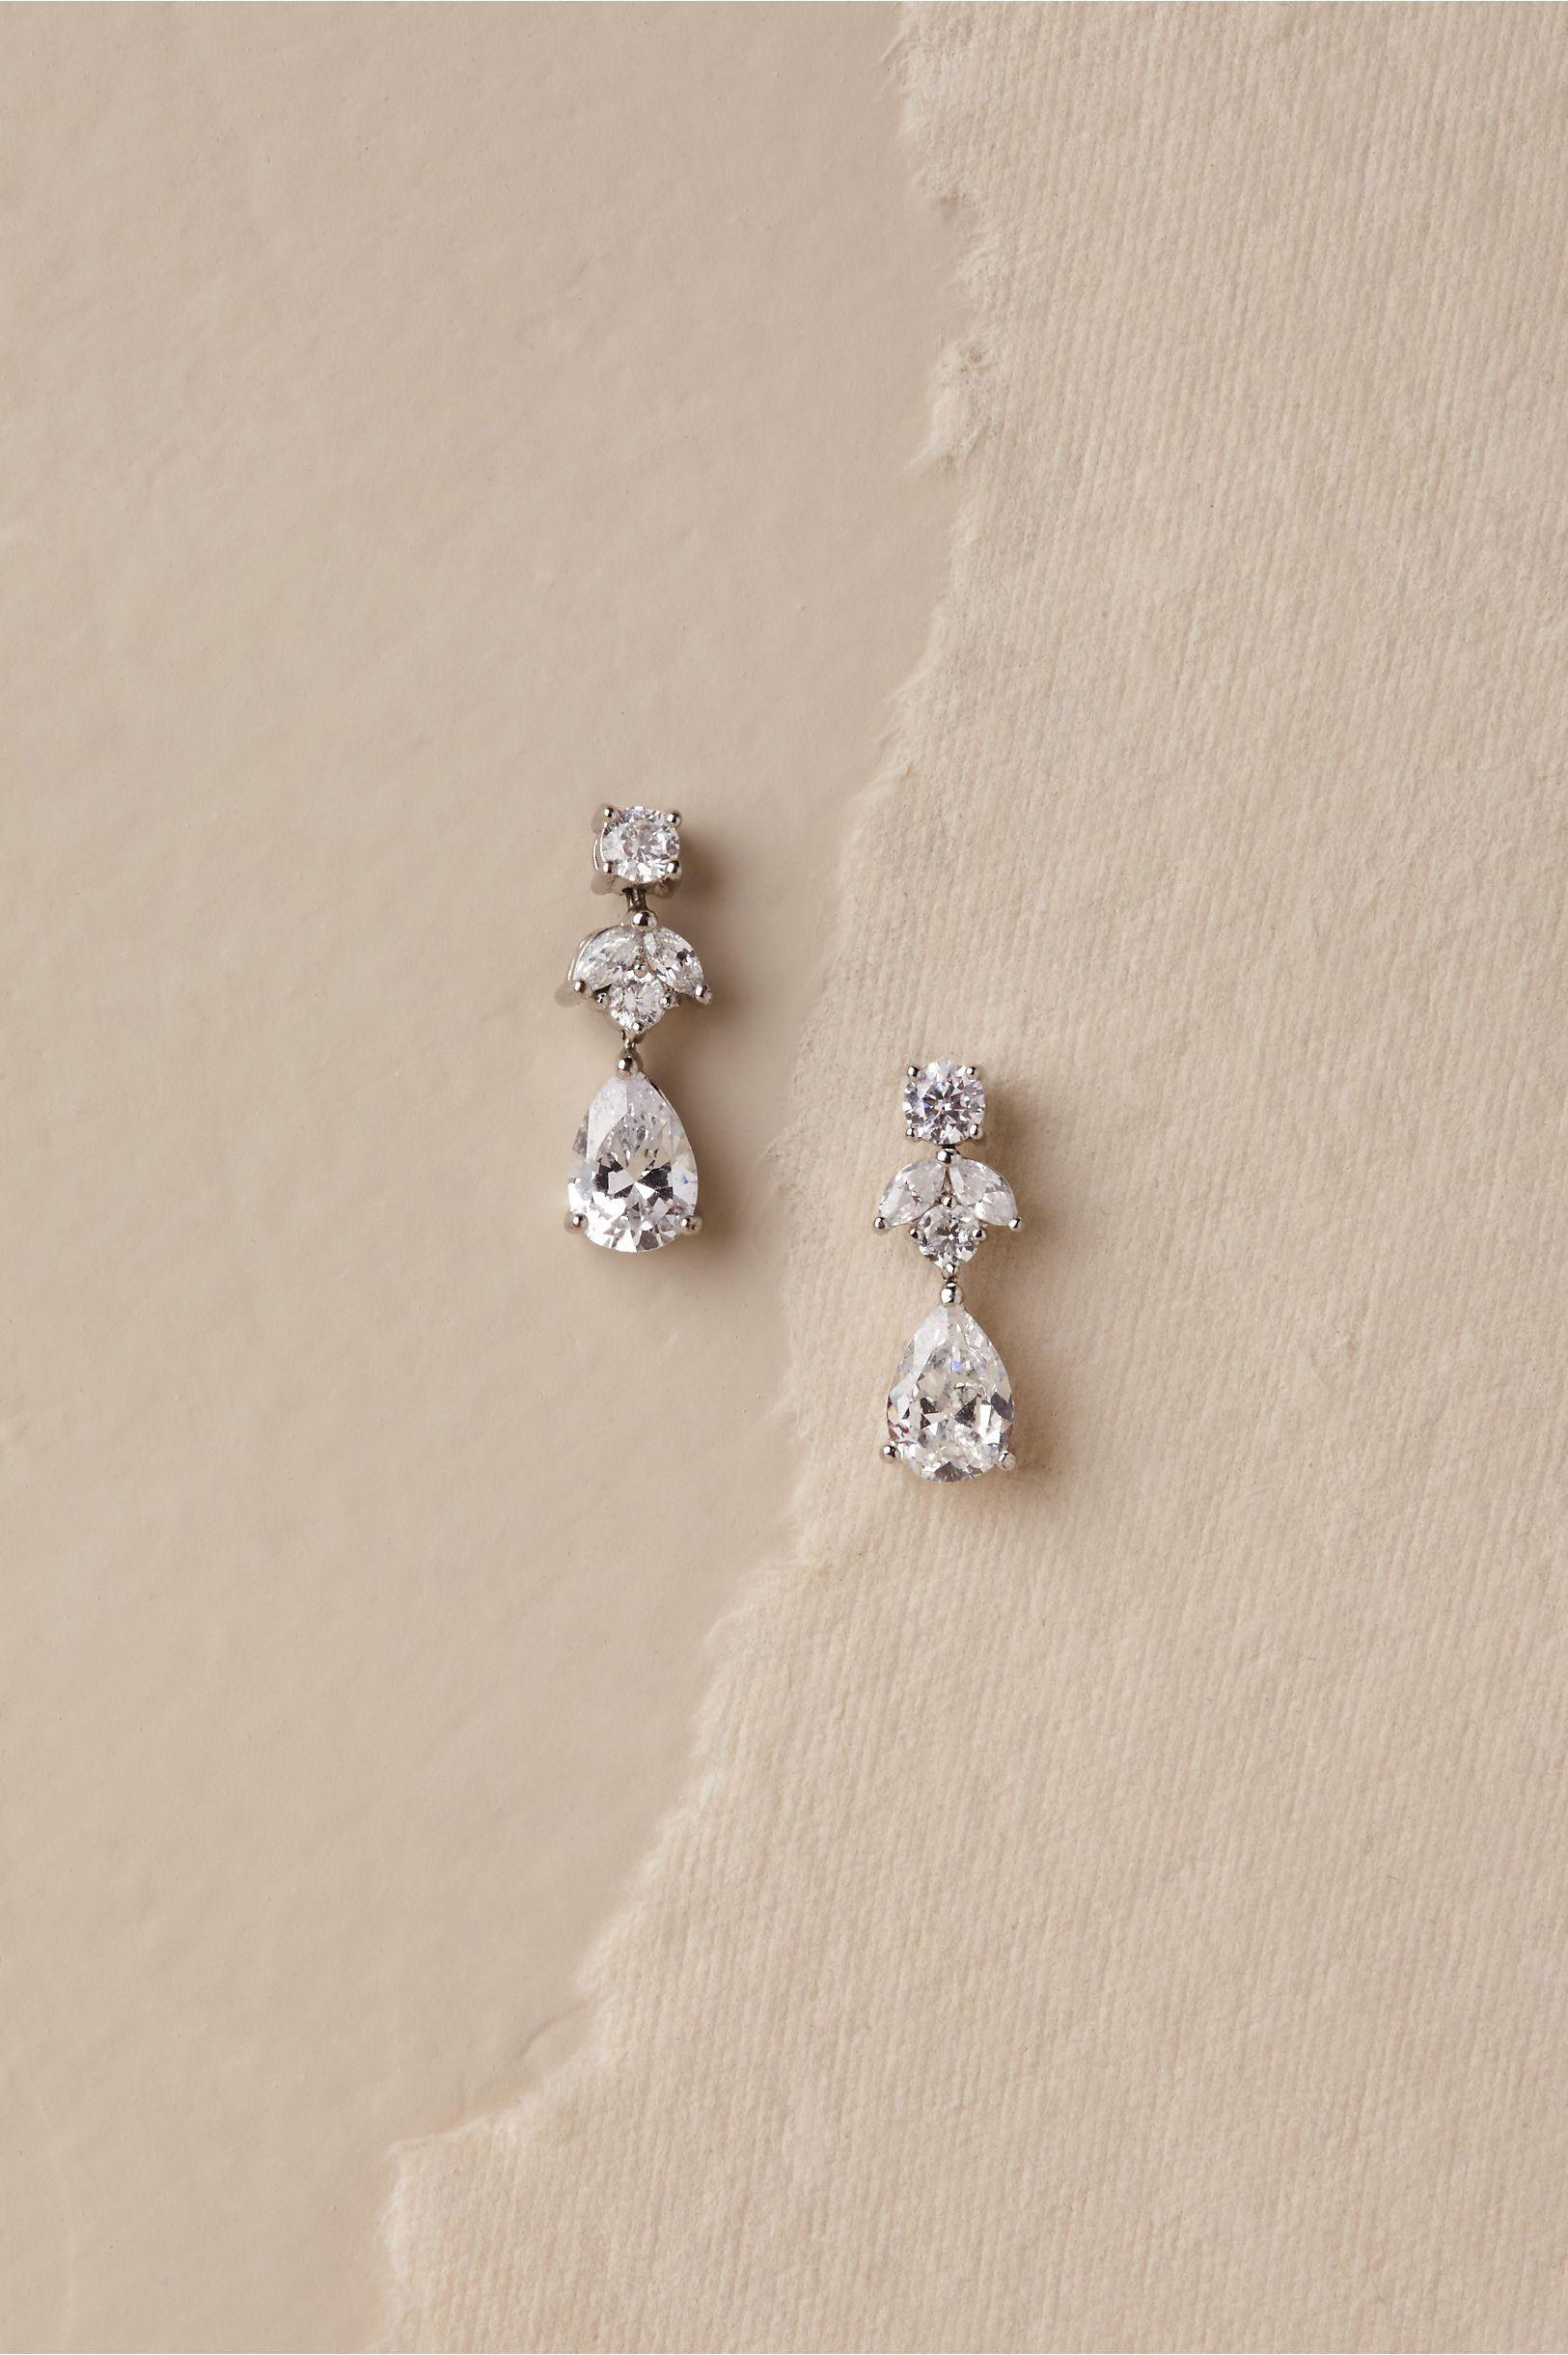 Petite Crystal Drop Earrings Crystal Drop Earrings Bridal Earrings Wedding Jewelry Sets